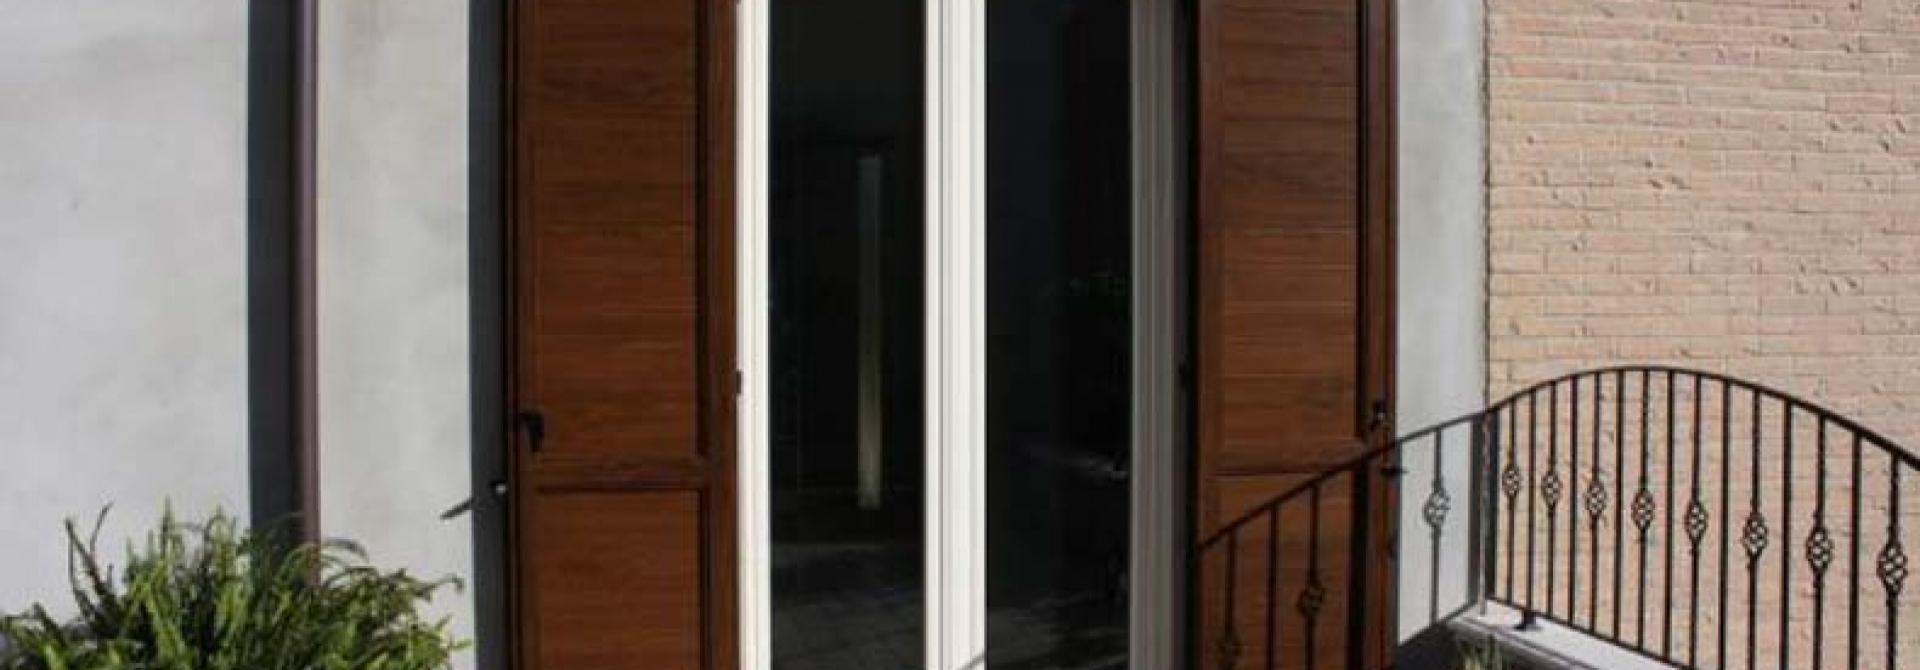 Finestre pvc bologna finestre in pvc su misura - Finestre pvc bologna ...